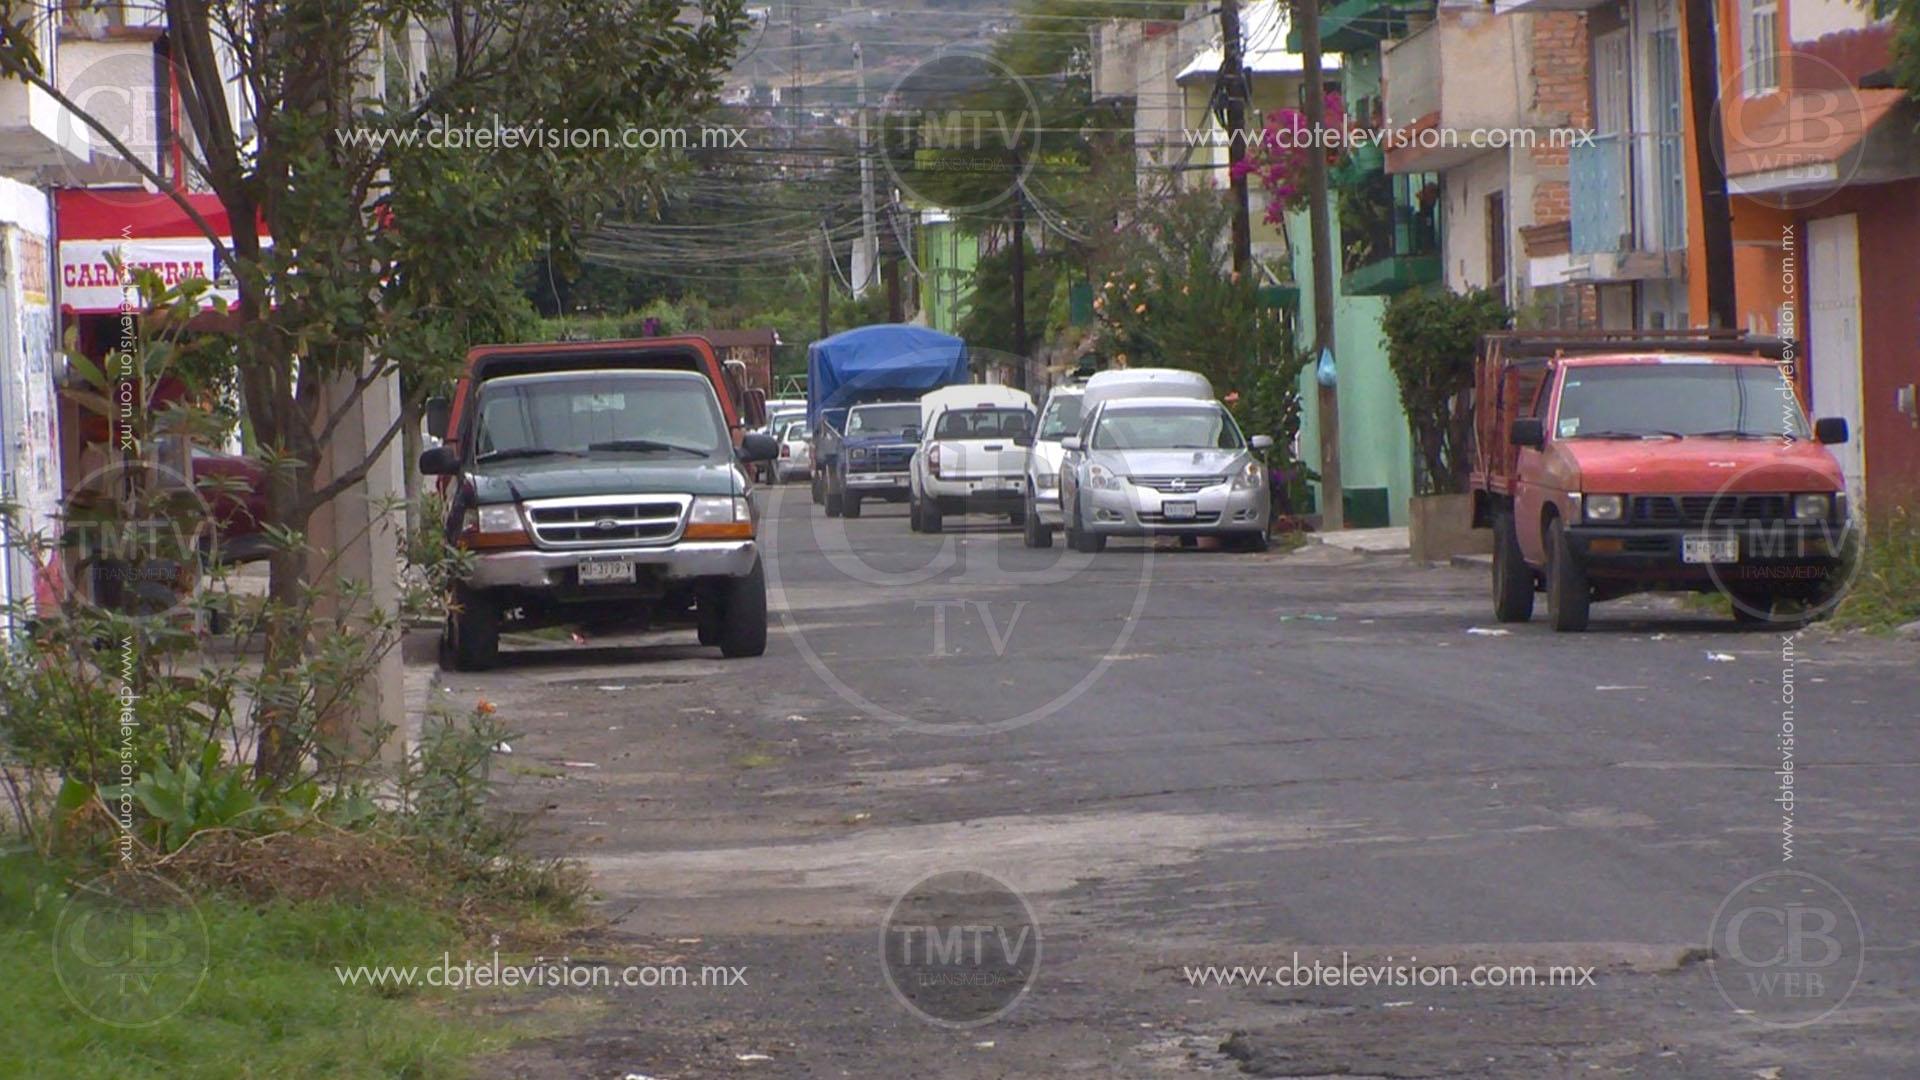 Denuncia Ciudadana: Habitantes de la colonia Arriaga Rivera molestos por seguridad privada - CB Televisión